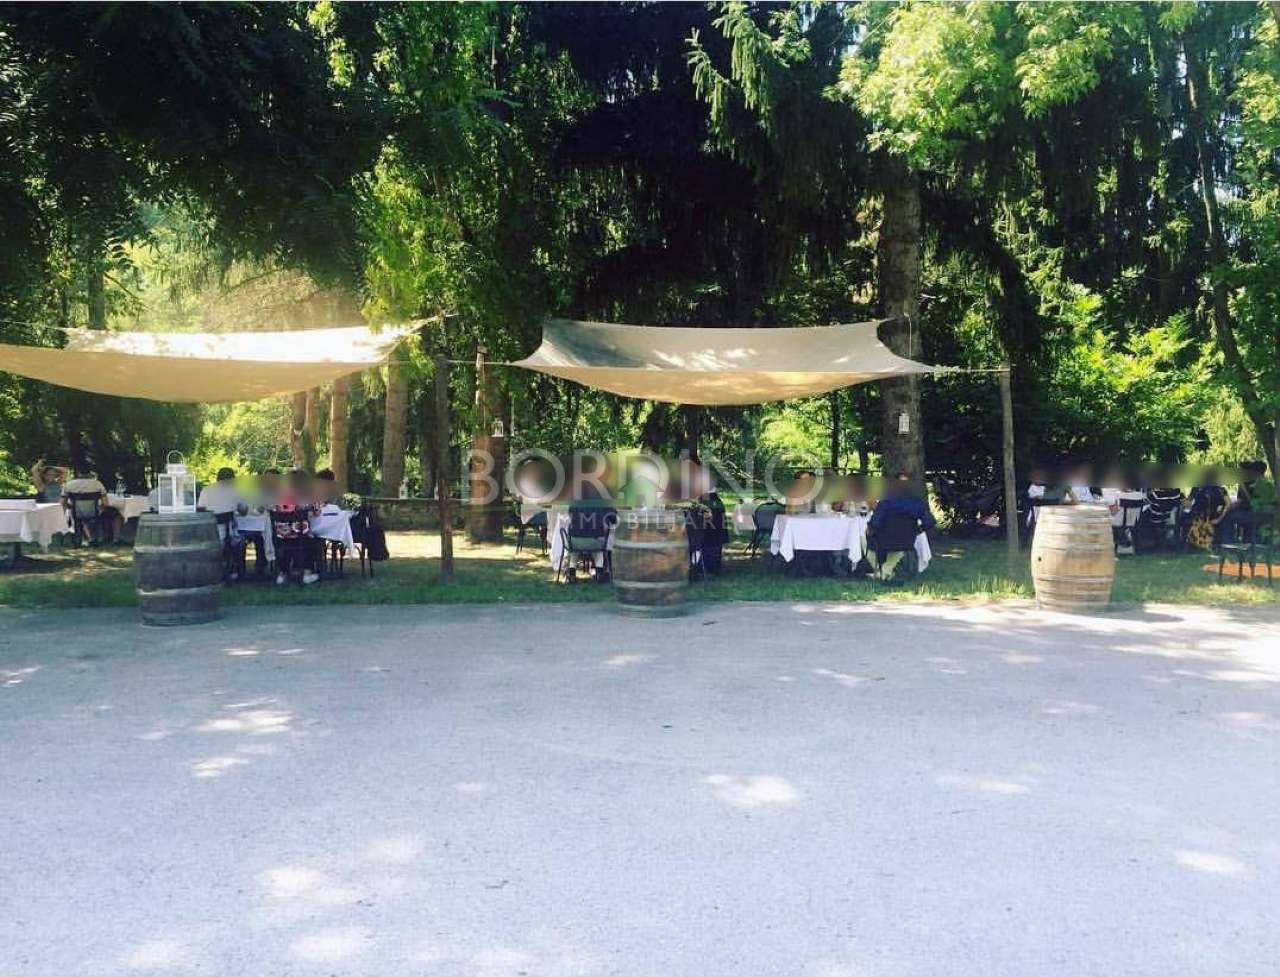 Ristorante / Pizzeria / Trattoria in vendita a Trezzo Tinella, 6 locali, prezzo € 150.000 | CambioCasa.it